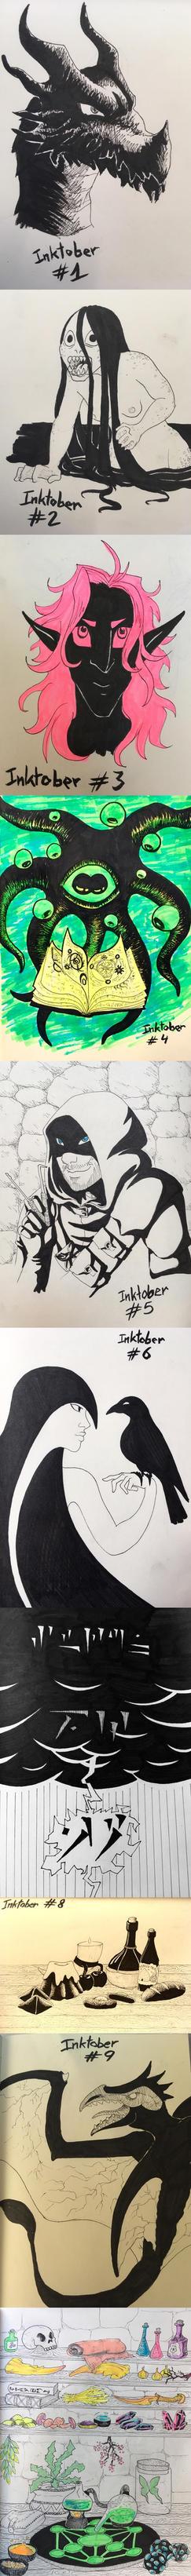 Inktober 2017 - days 1 to 10 by zokwani